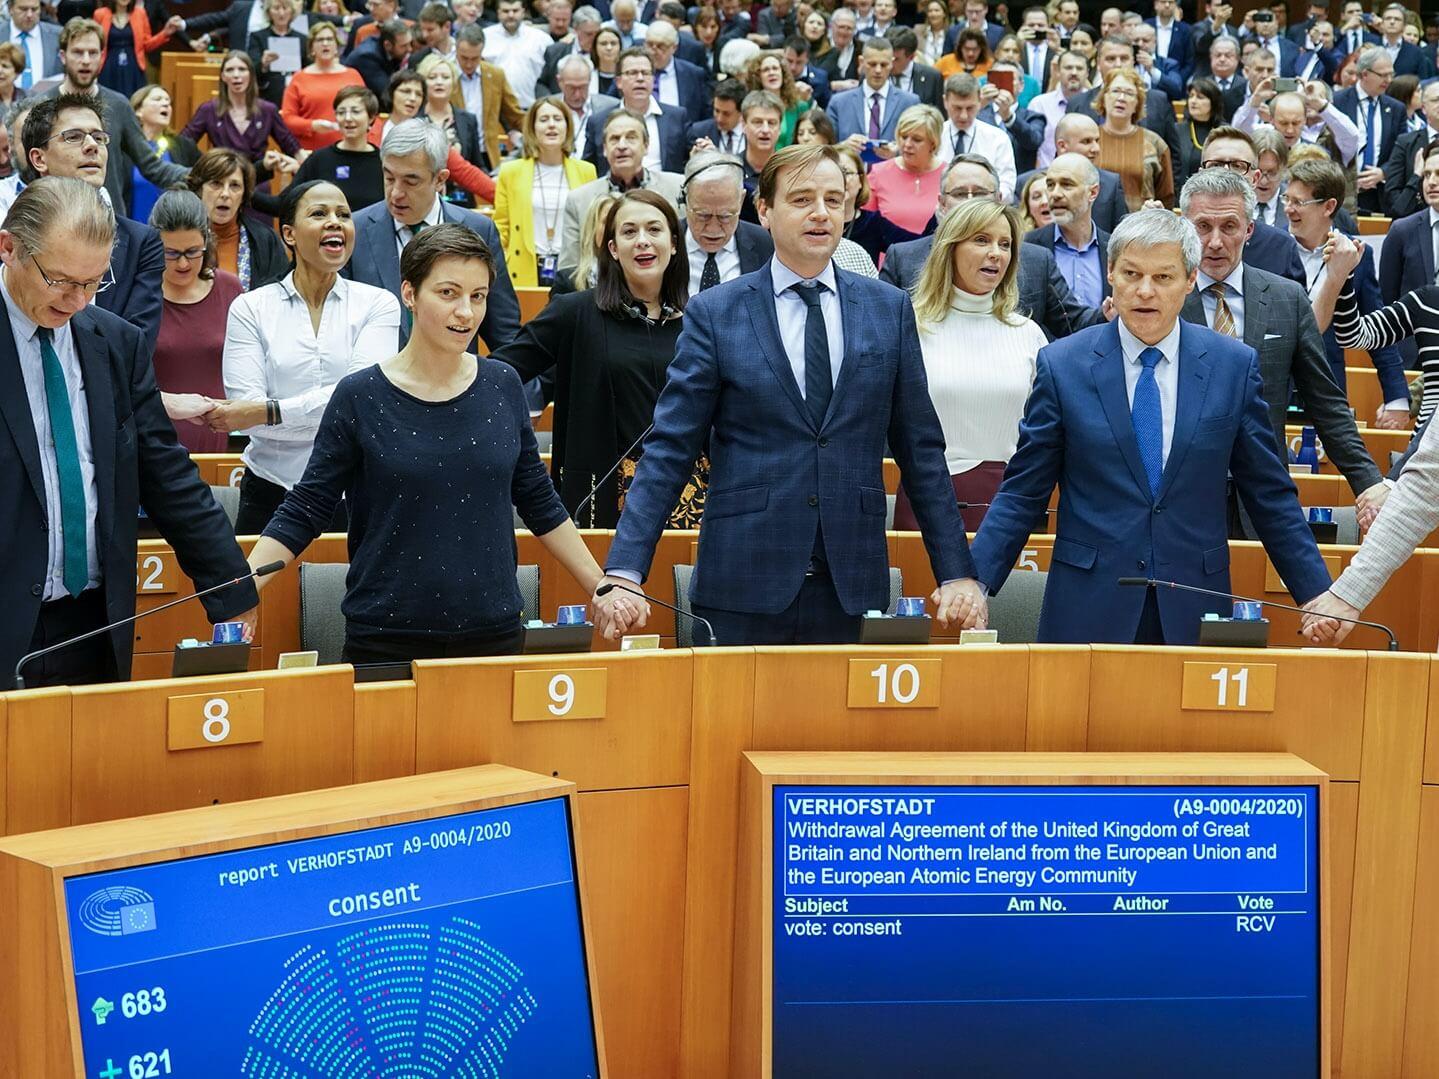 """Europosłowie śpiewają """"Auld Lang Syne"""" po zaakceptowaniu umowy o wyjściu Wielkiej Brytanii z Unii Europejskiej. Bruksela, 29 stycznia 2020 r."""